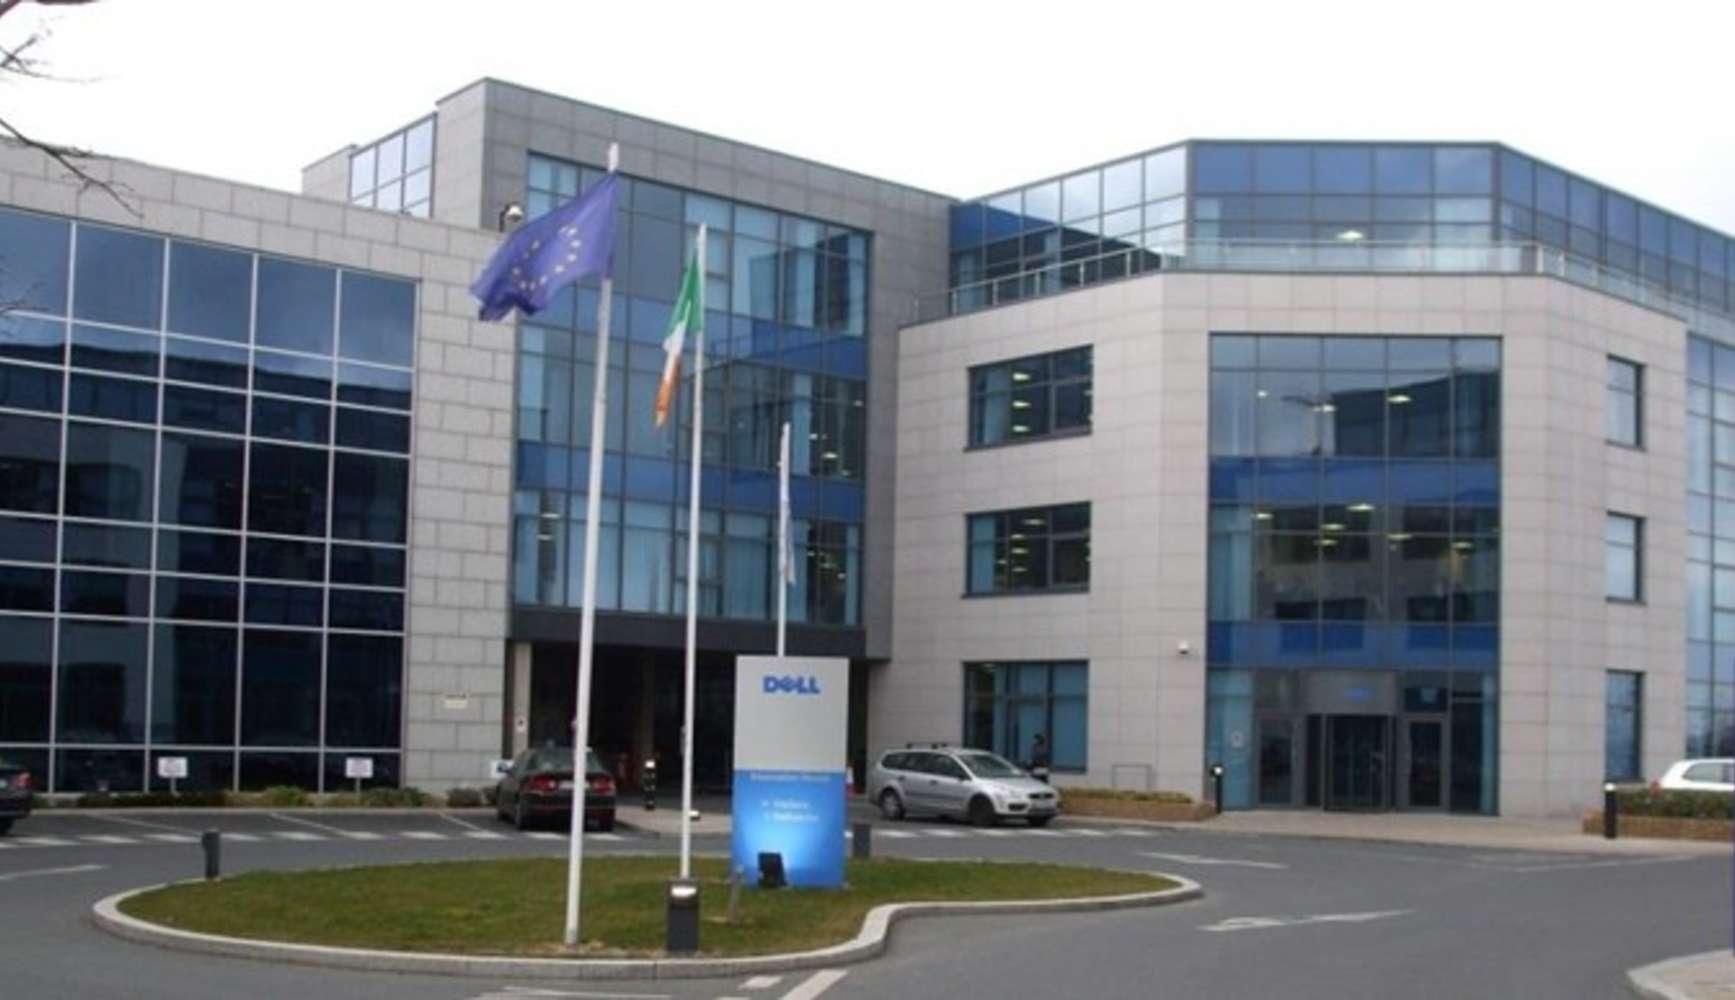 Office Co dublin, D18 TF72 - Third Floor, Building 3, The Campus